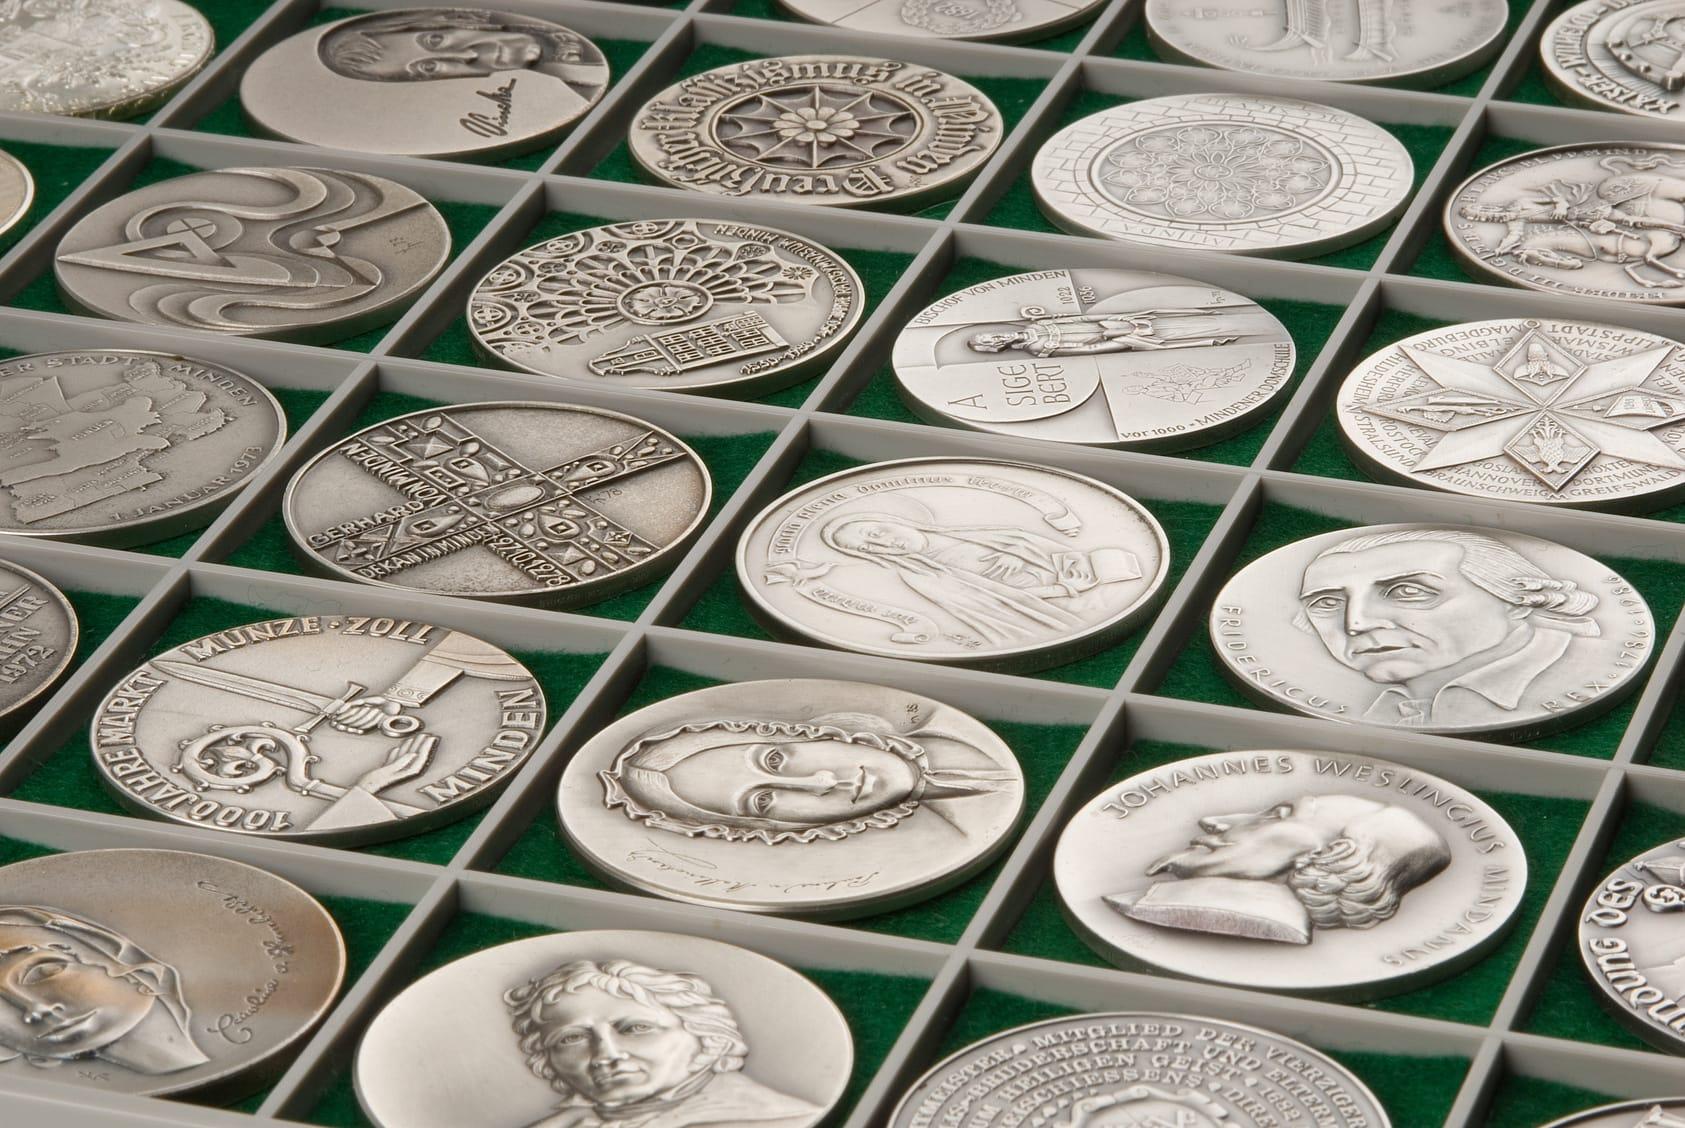 Münzen sammeln – Das sollten Sie darüber wissen